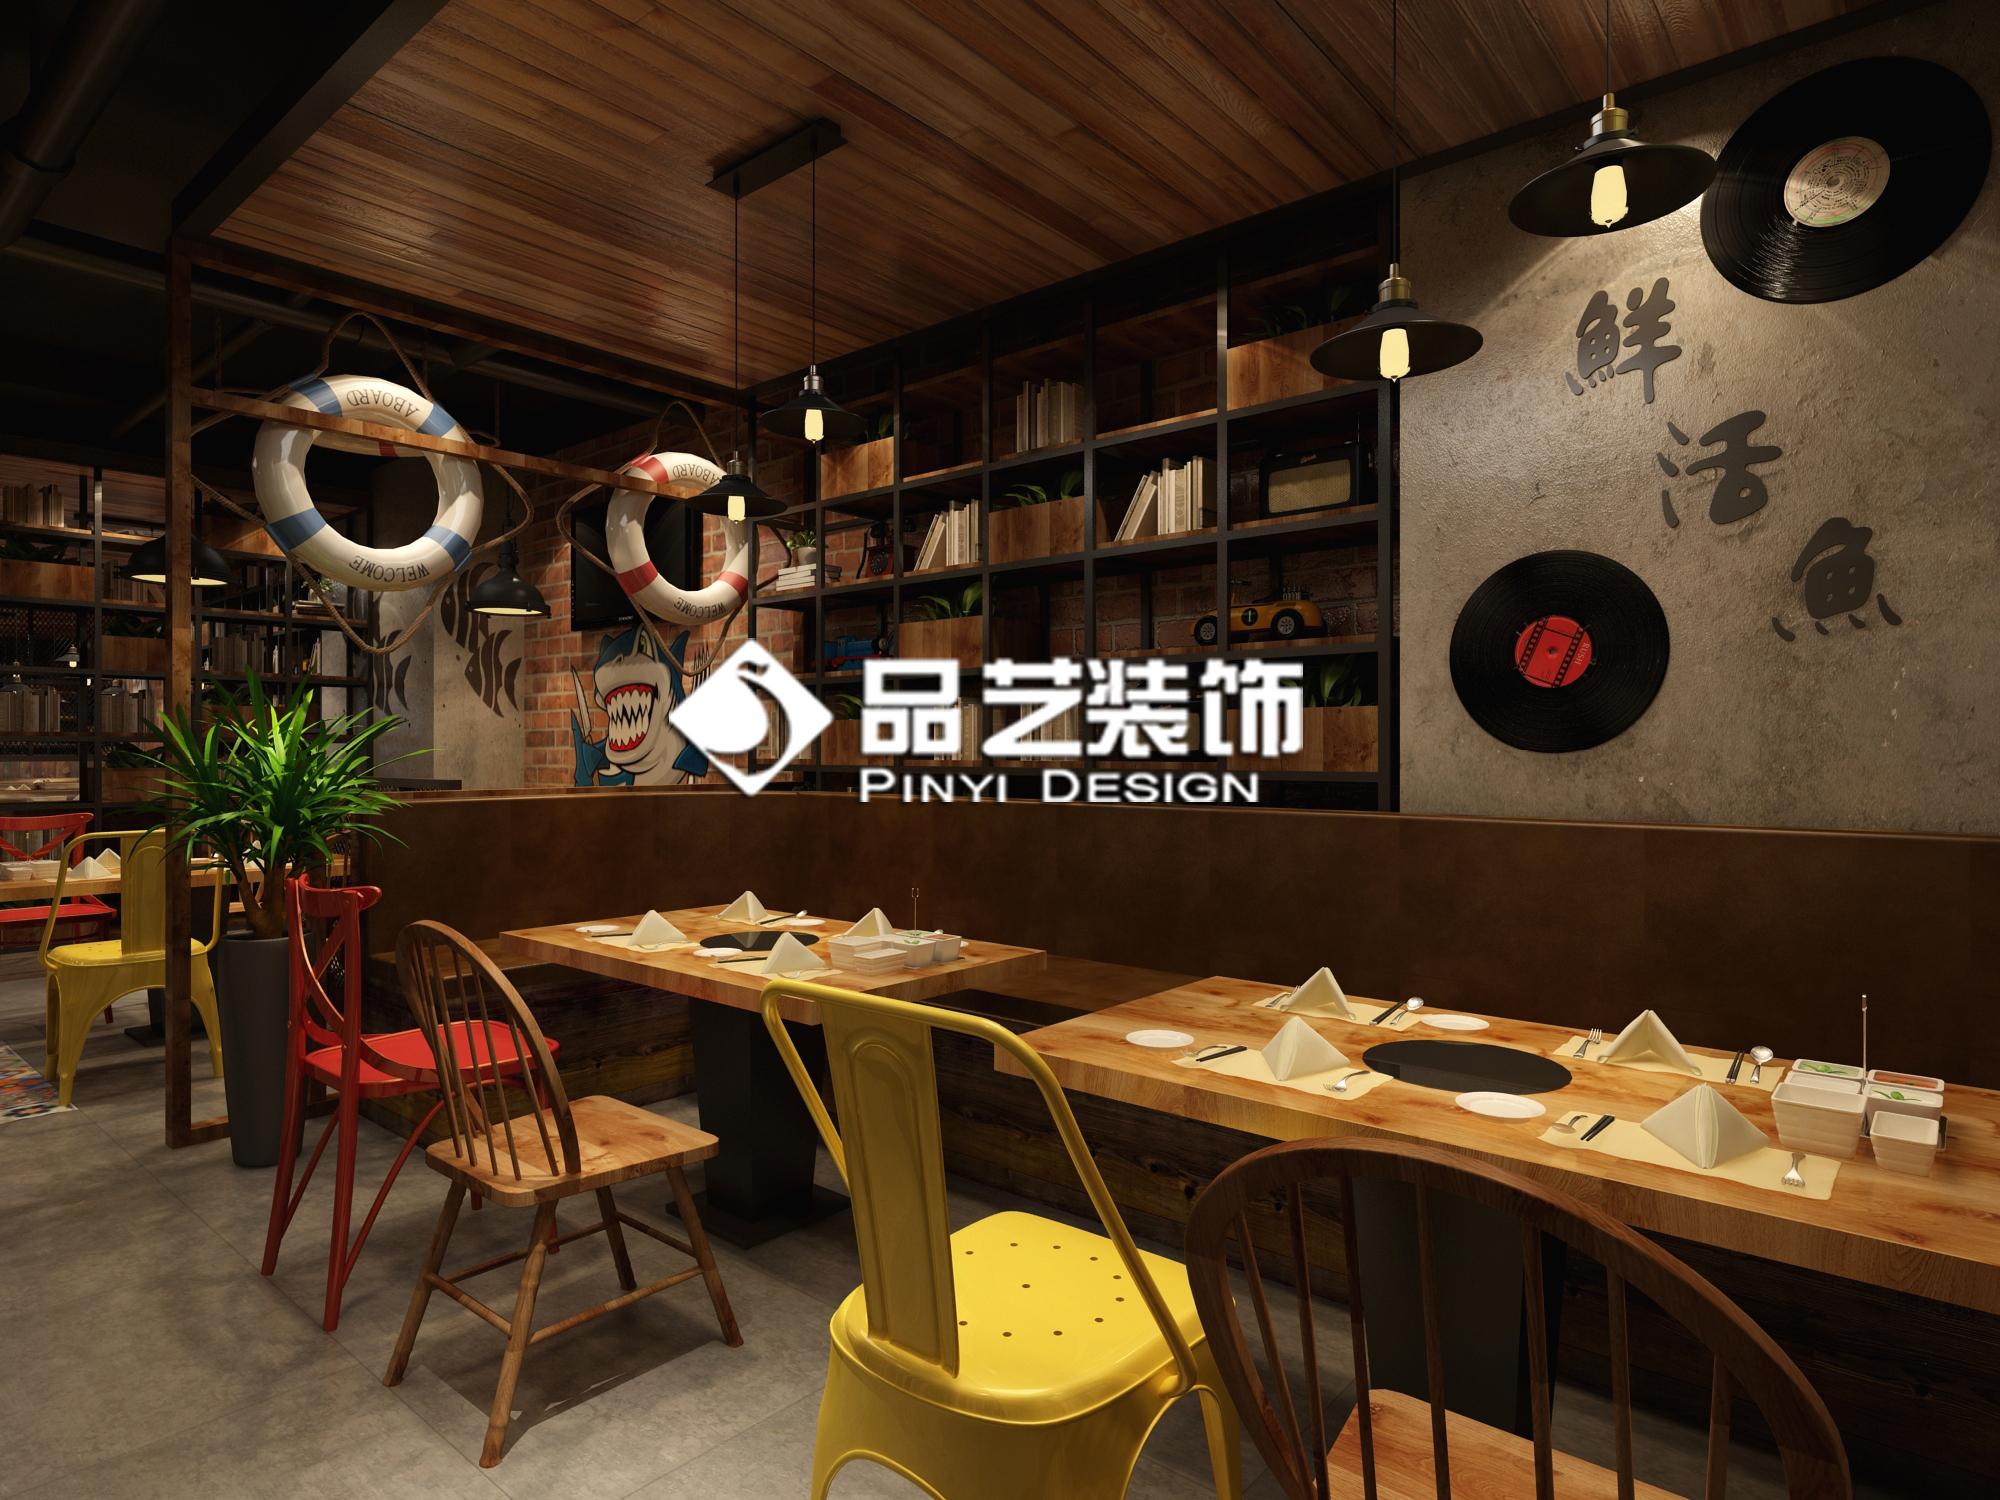 南宁《柠檬鱼》火锅餐厅 空间 室内设计 品艺装饰